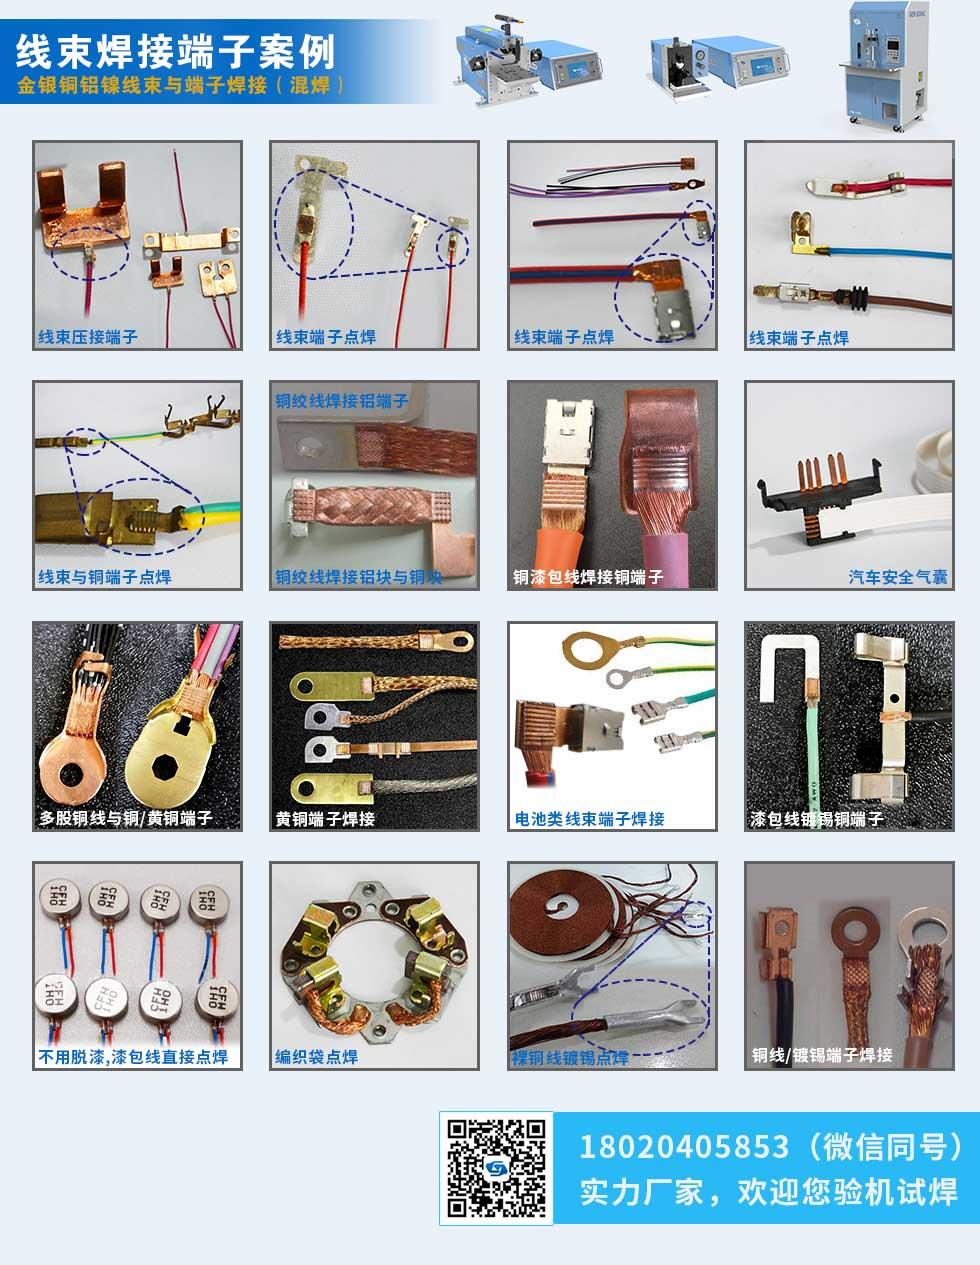 线束焊接产品_04.jpg